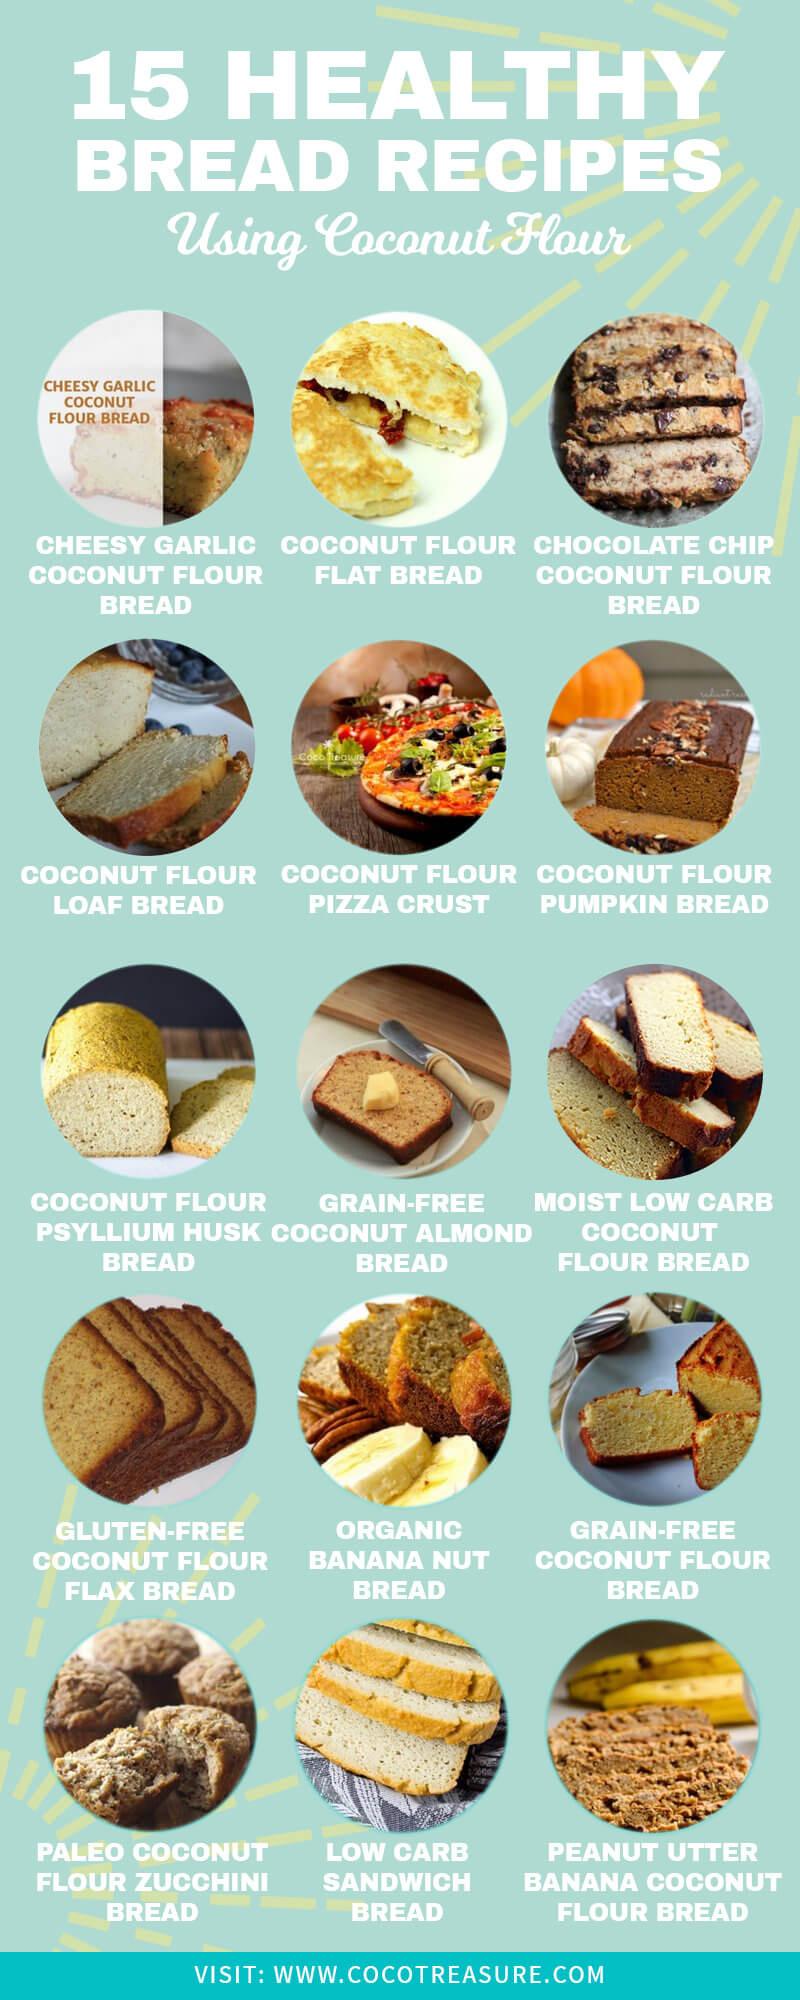 Healthy Coconut Flour Recipes  15 Healthy Coconut Flour Bread Recipes Coco Treasure